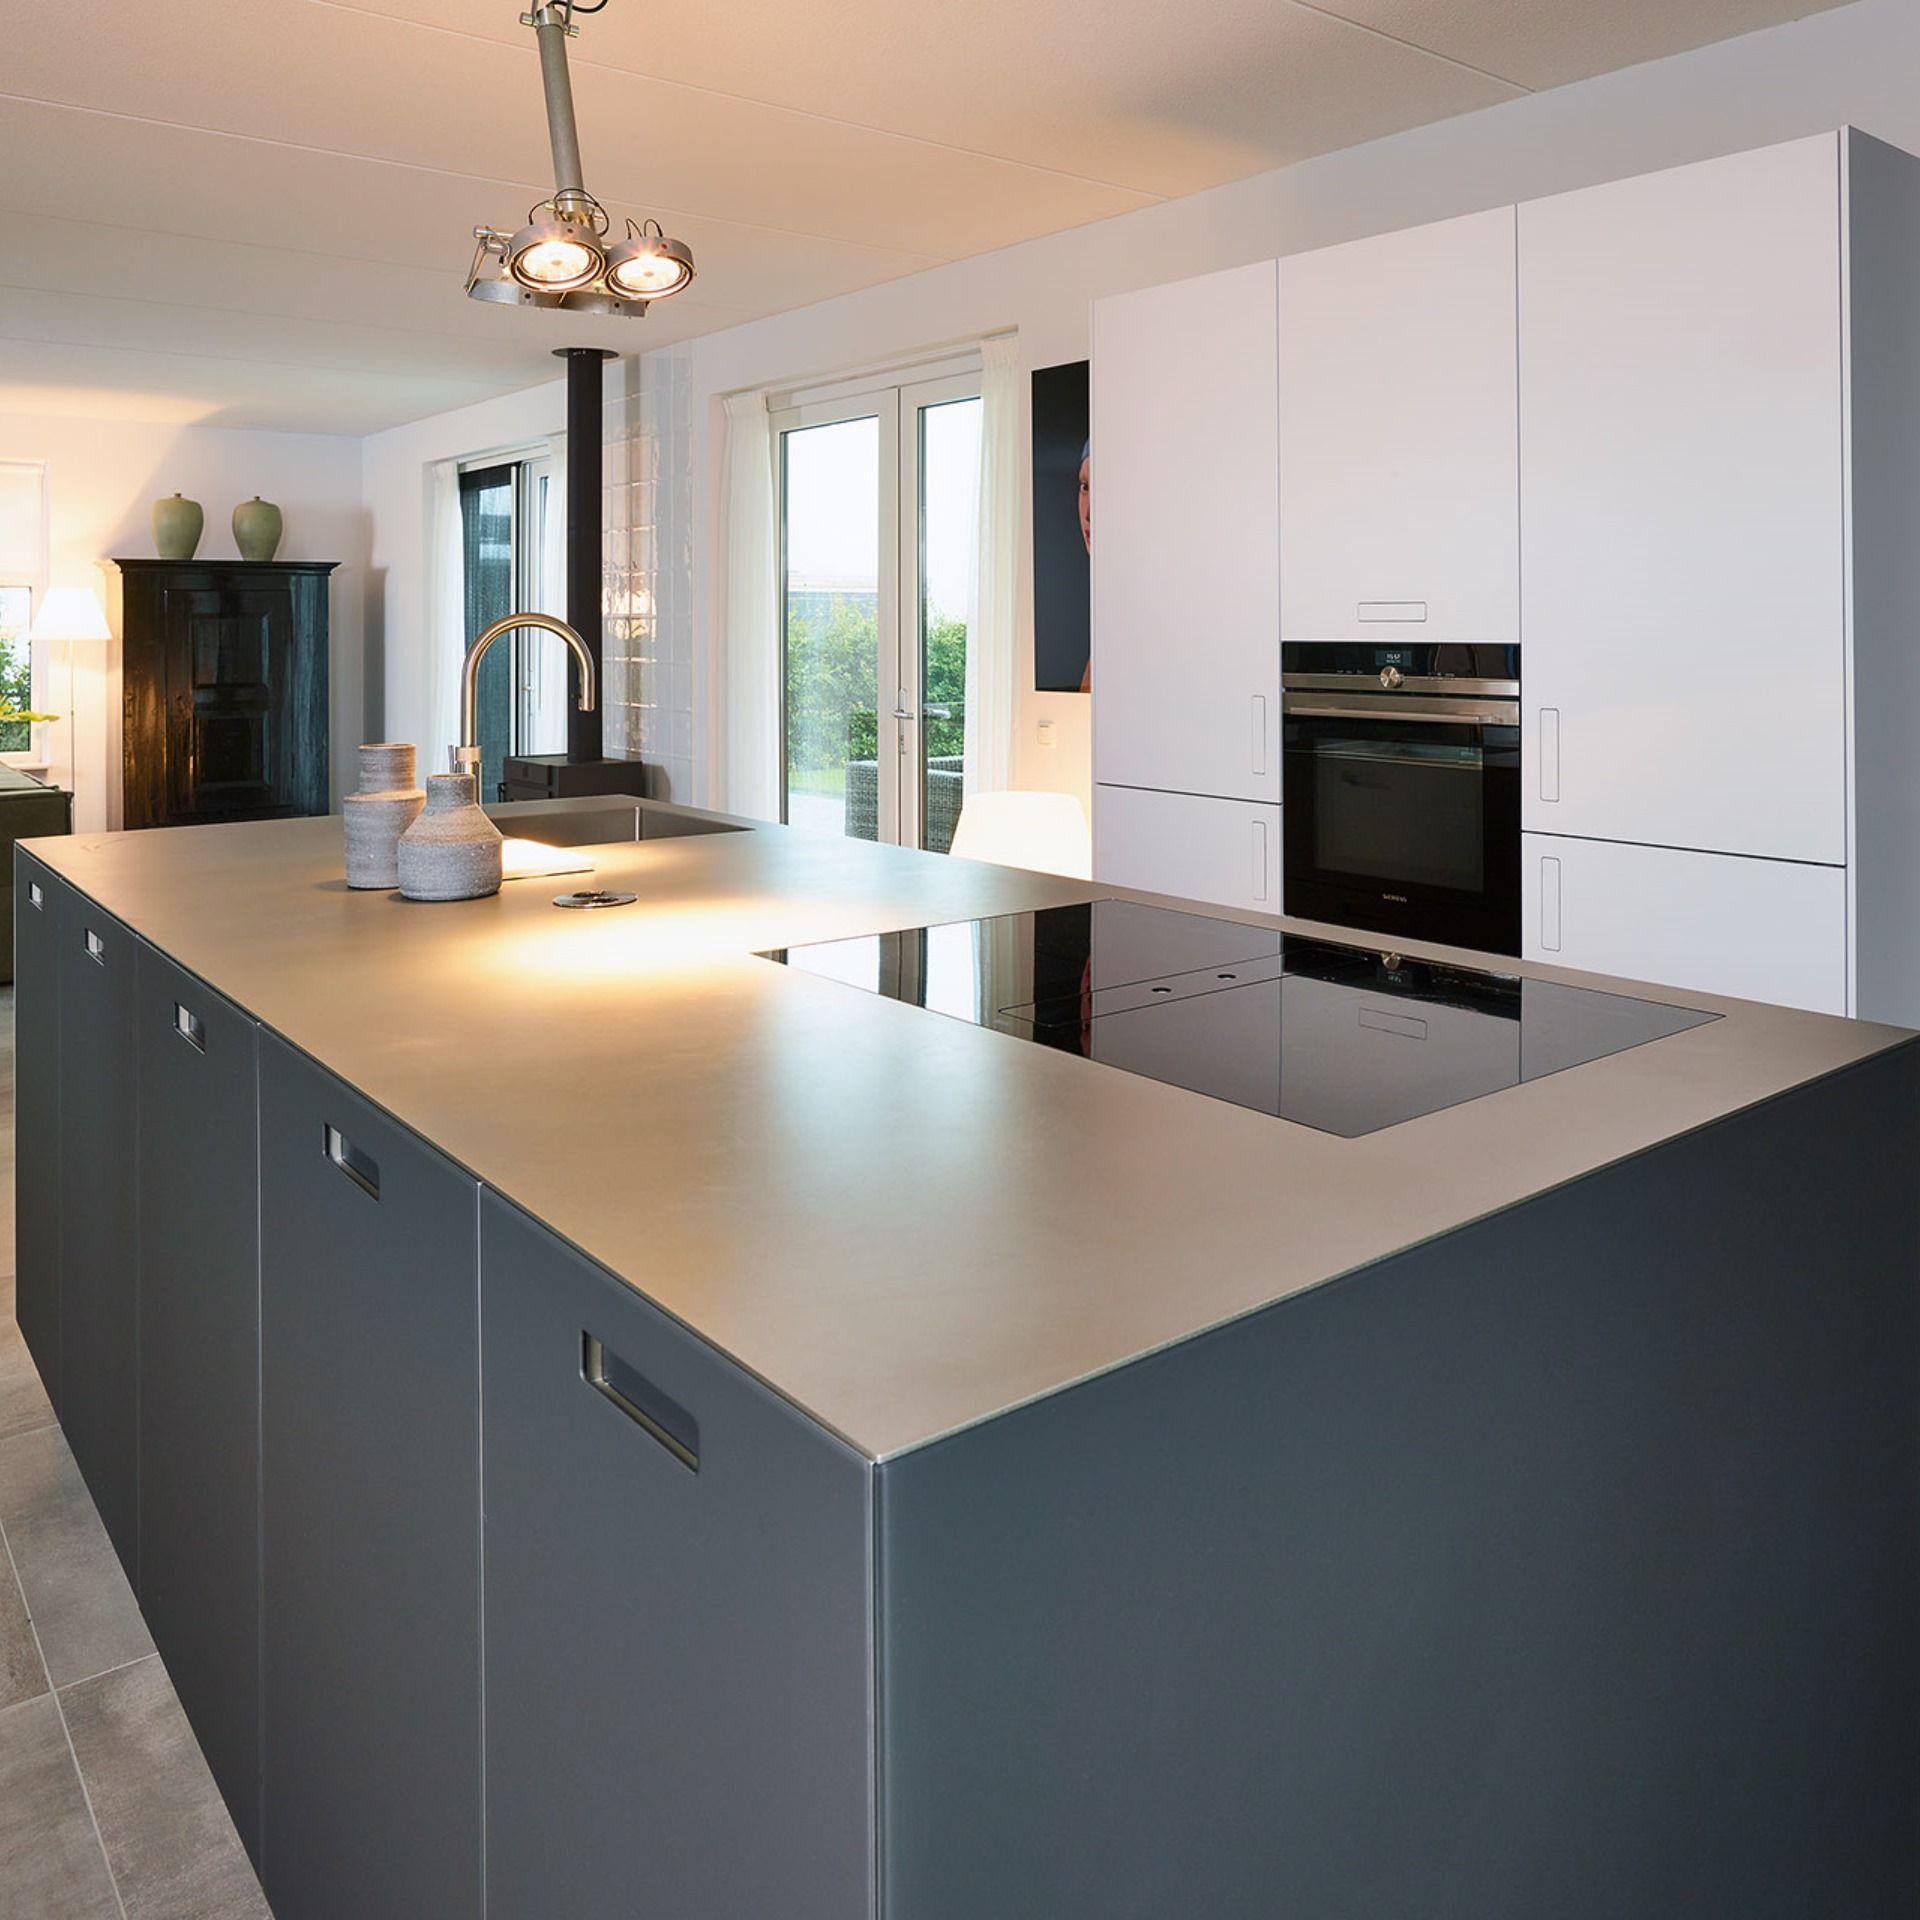 Diese schöne und moderne Next125 Küche in glas matt